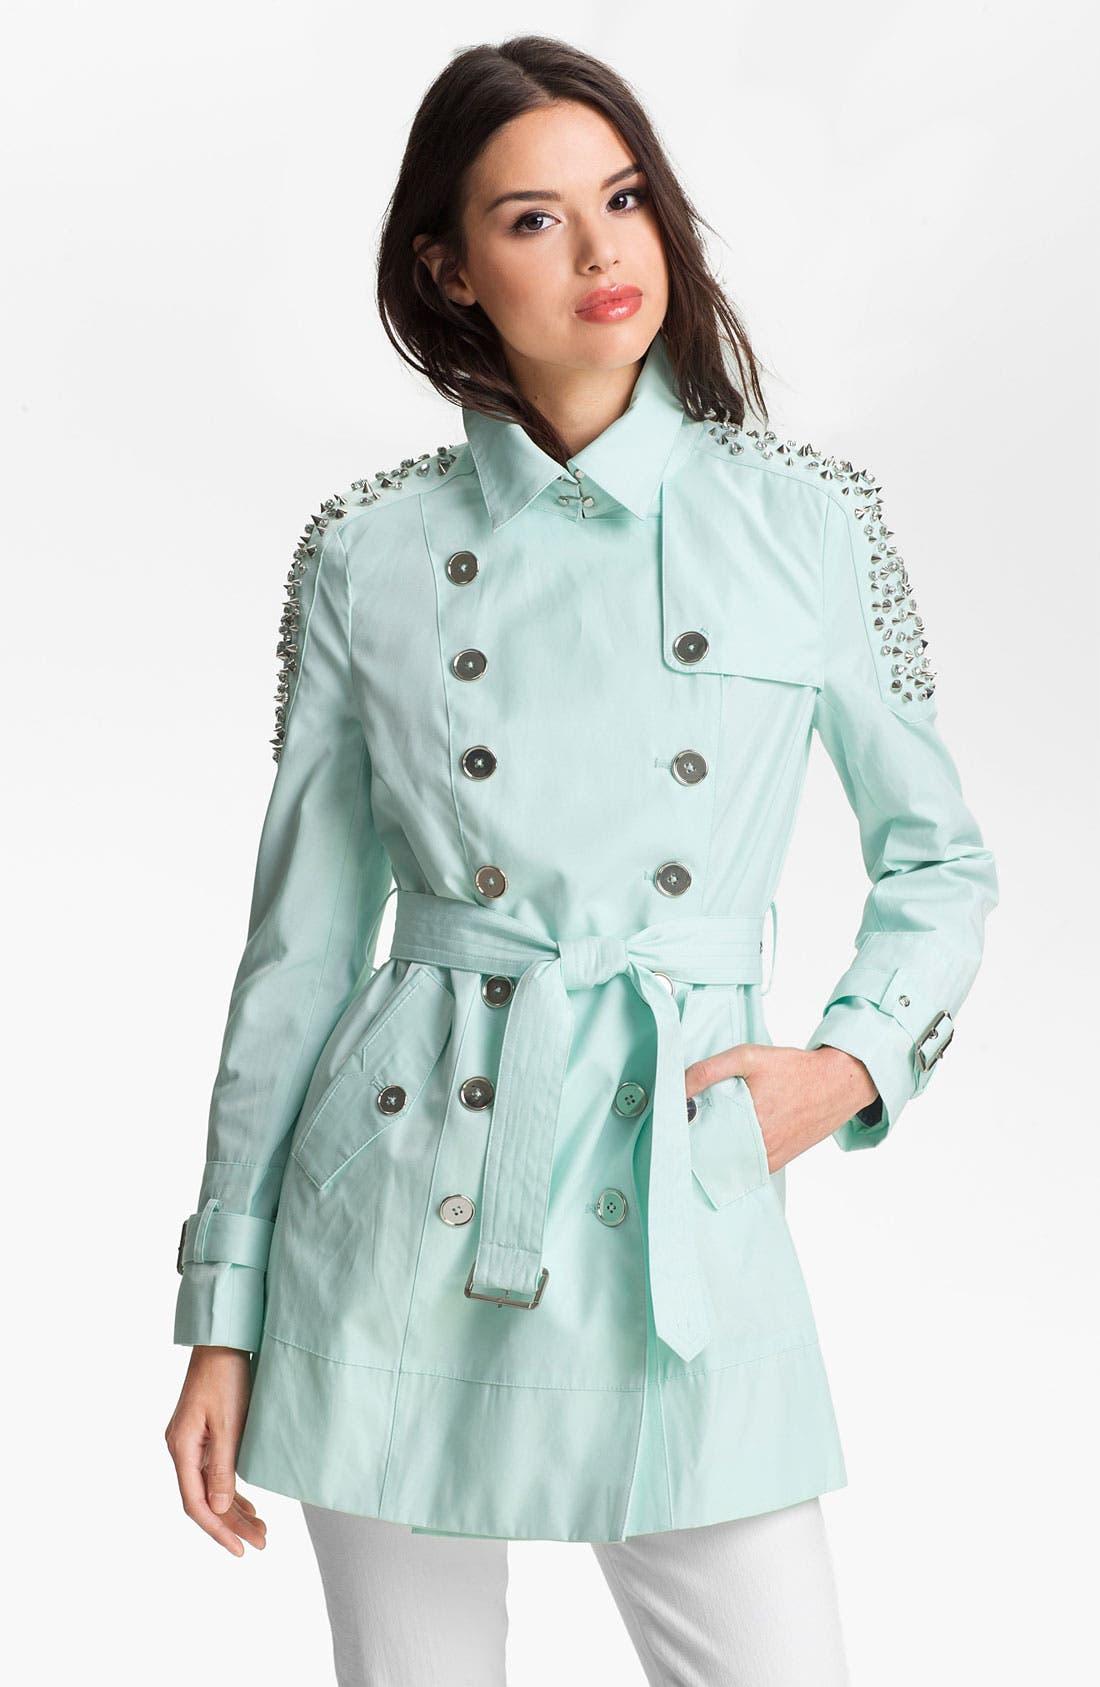 Alternate Image 1 Selected - Sam Edelman Embellished Shoulder Trench Coat (Online Only)